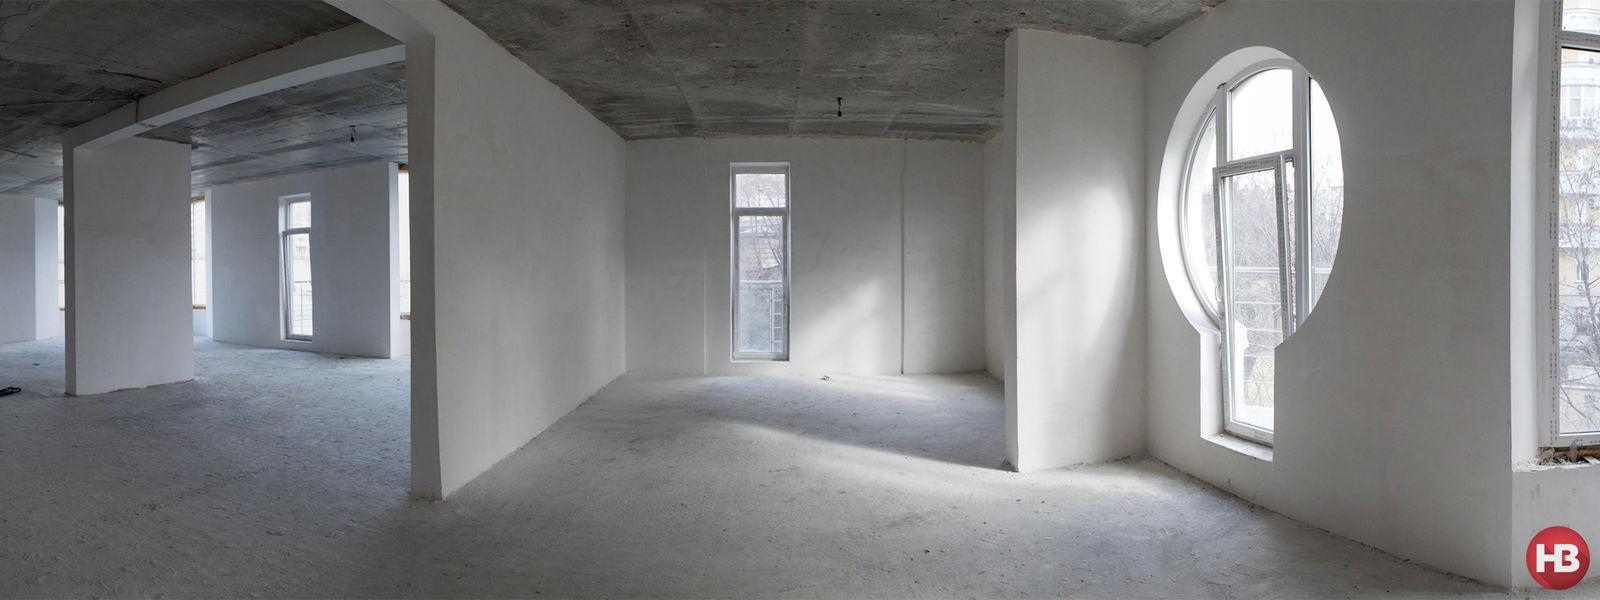 Зашел в чужую квартиру и увидел голую